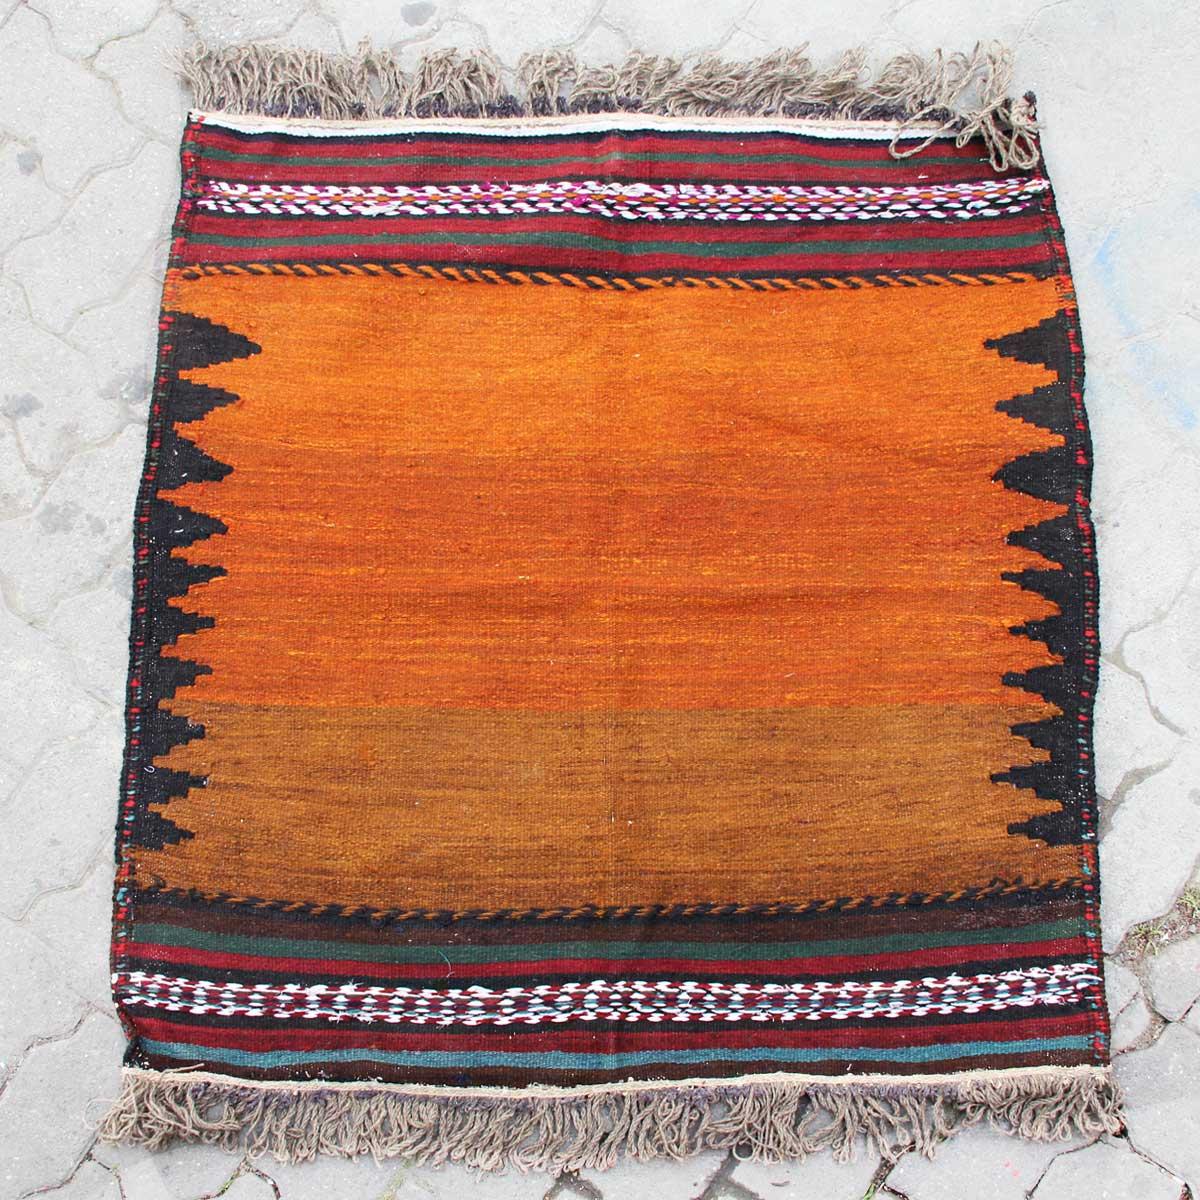 Original rug